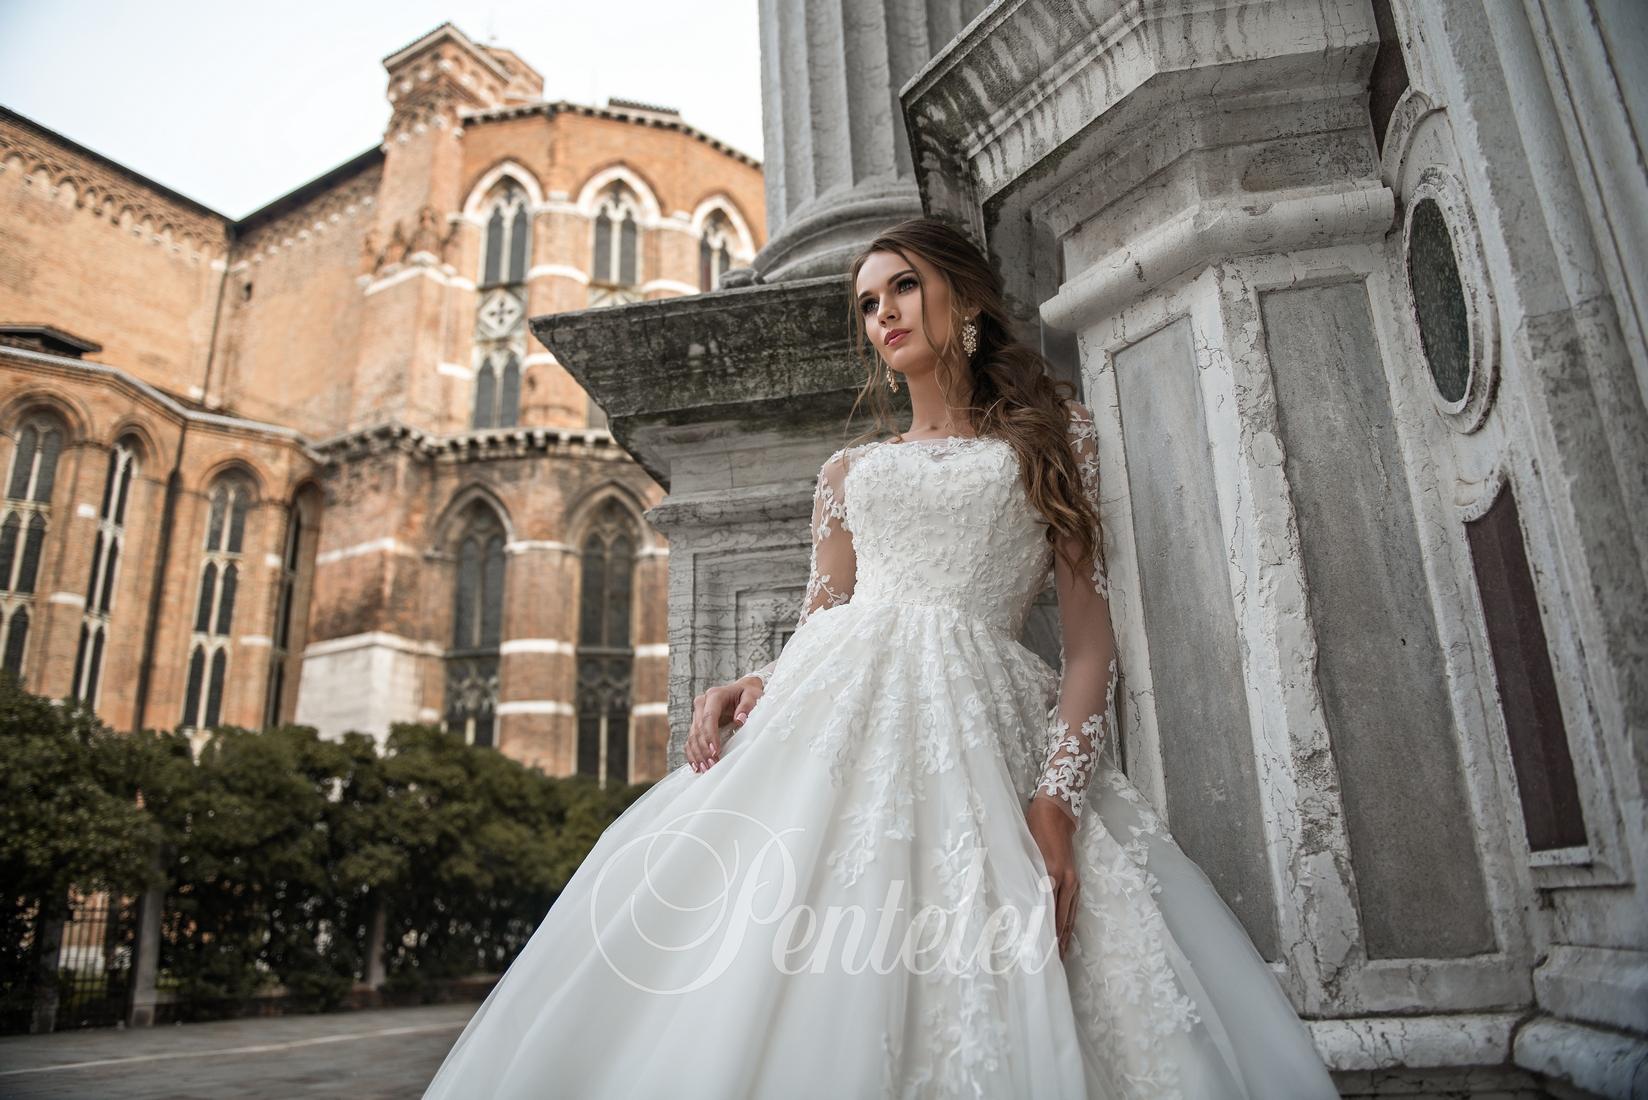 Закриті весільні сукні  різноманіття моделей b5445ae6164a0